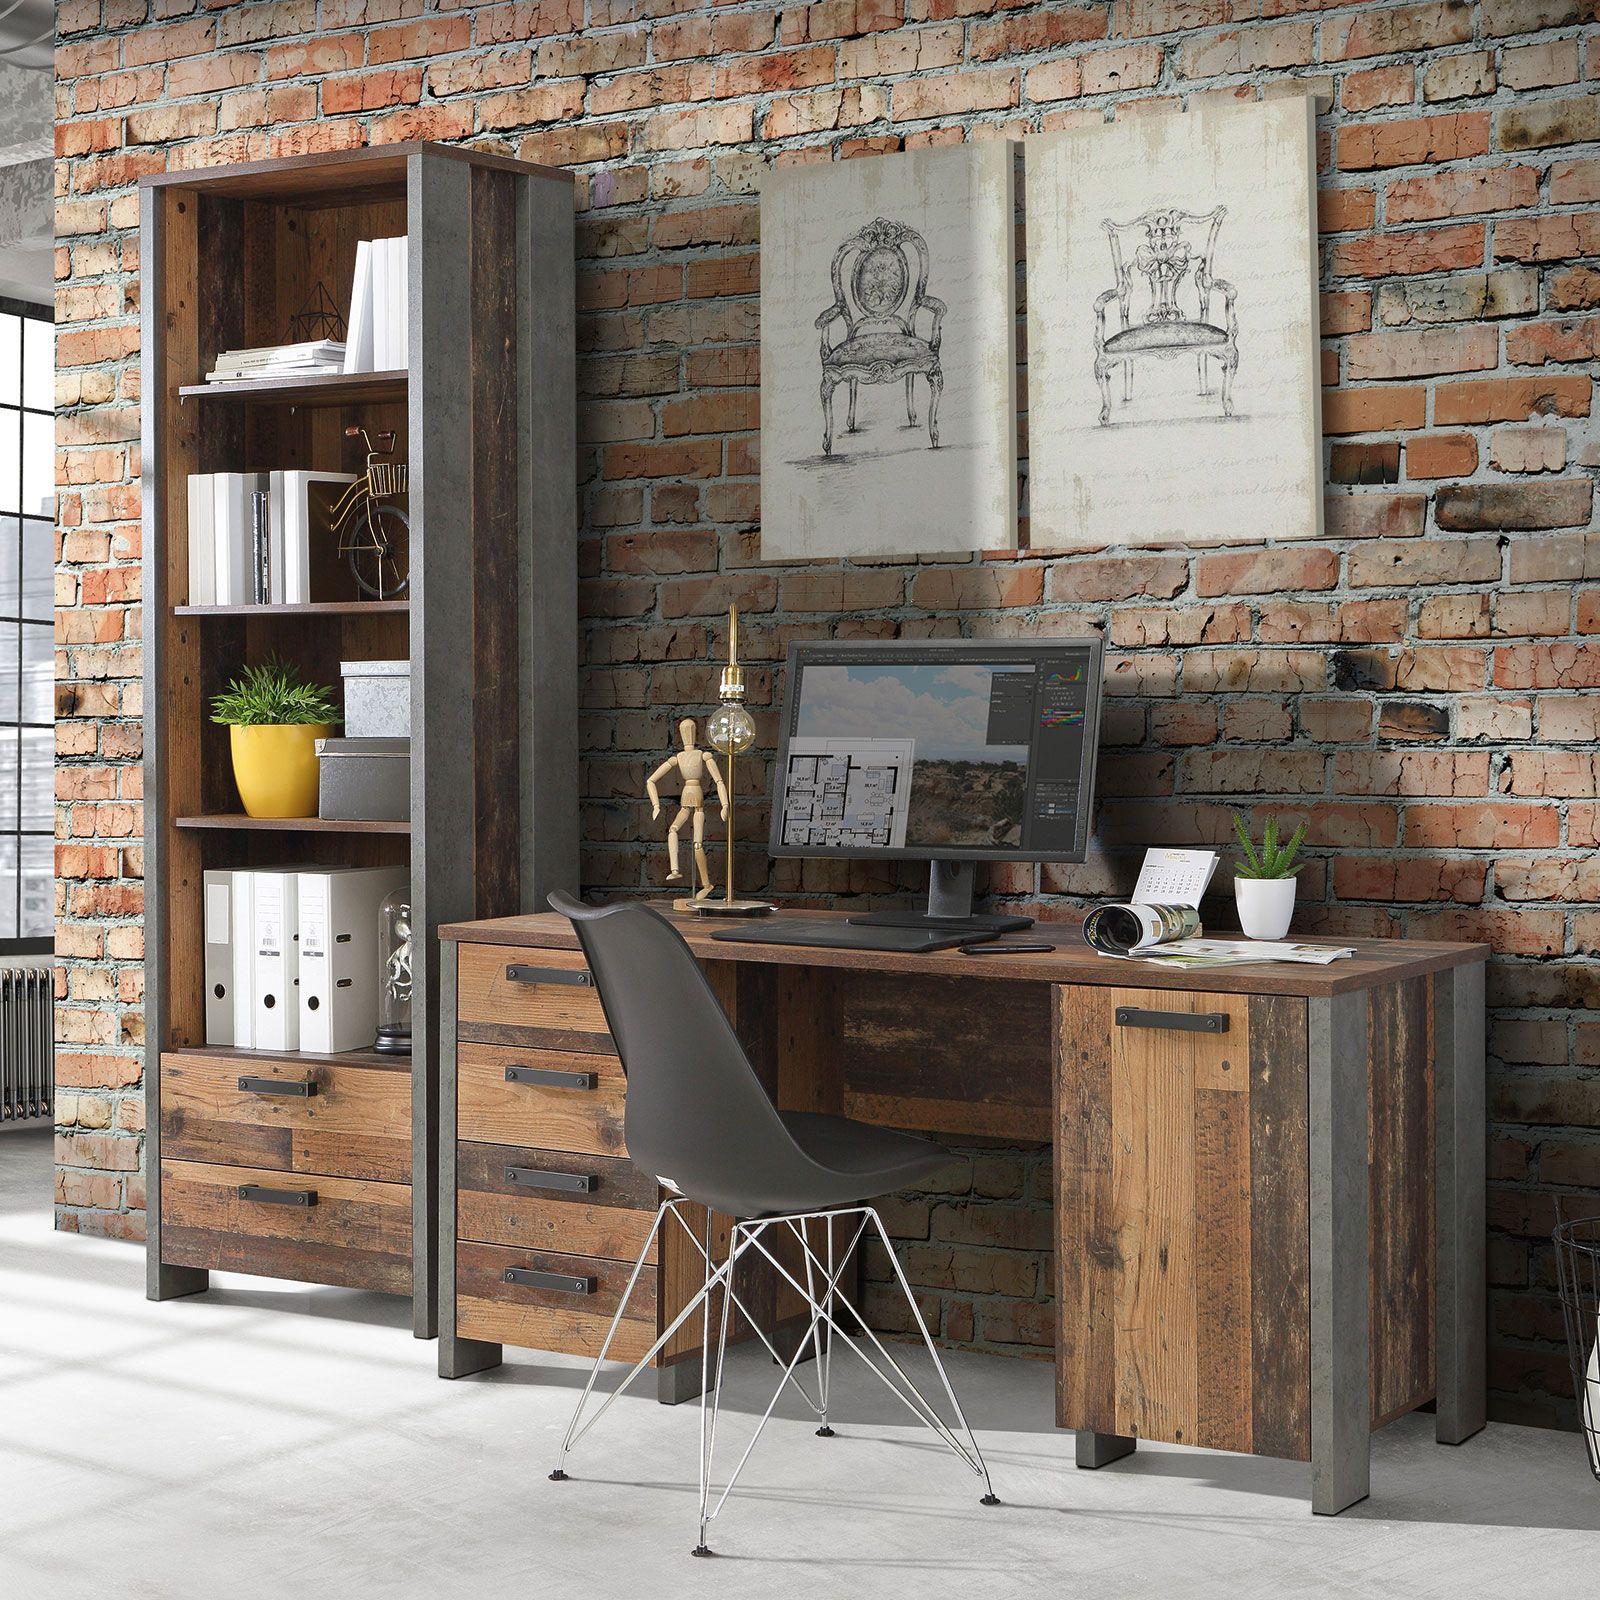 Schau Mal Was Ich Bei Roller Gefunden Habe Schreibtisch Old Wood Vintage Betonoptik 155 Cm In 2020 Schreibtisch Haus Deko Betonoptik